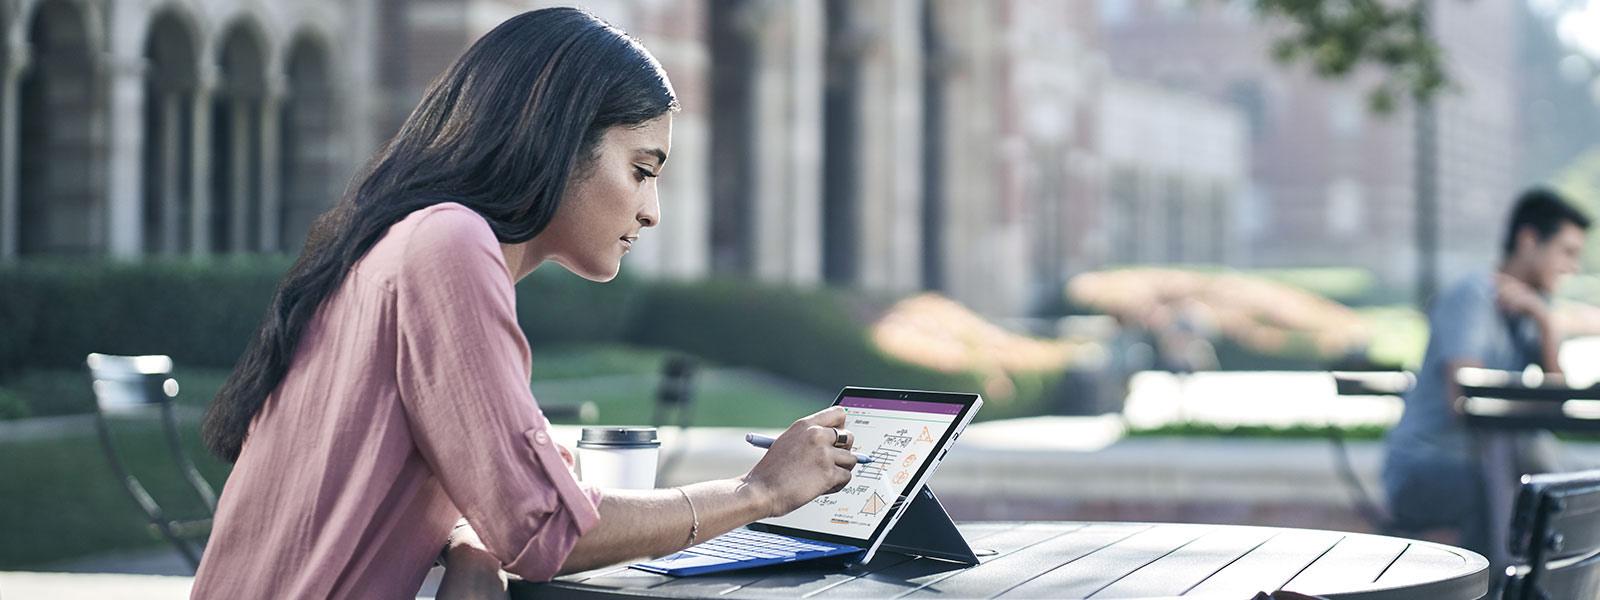 Donna che utilizza la funzionalità di zoom di Surface Studio con penna e tocco.